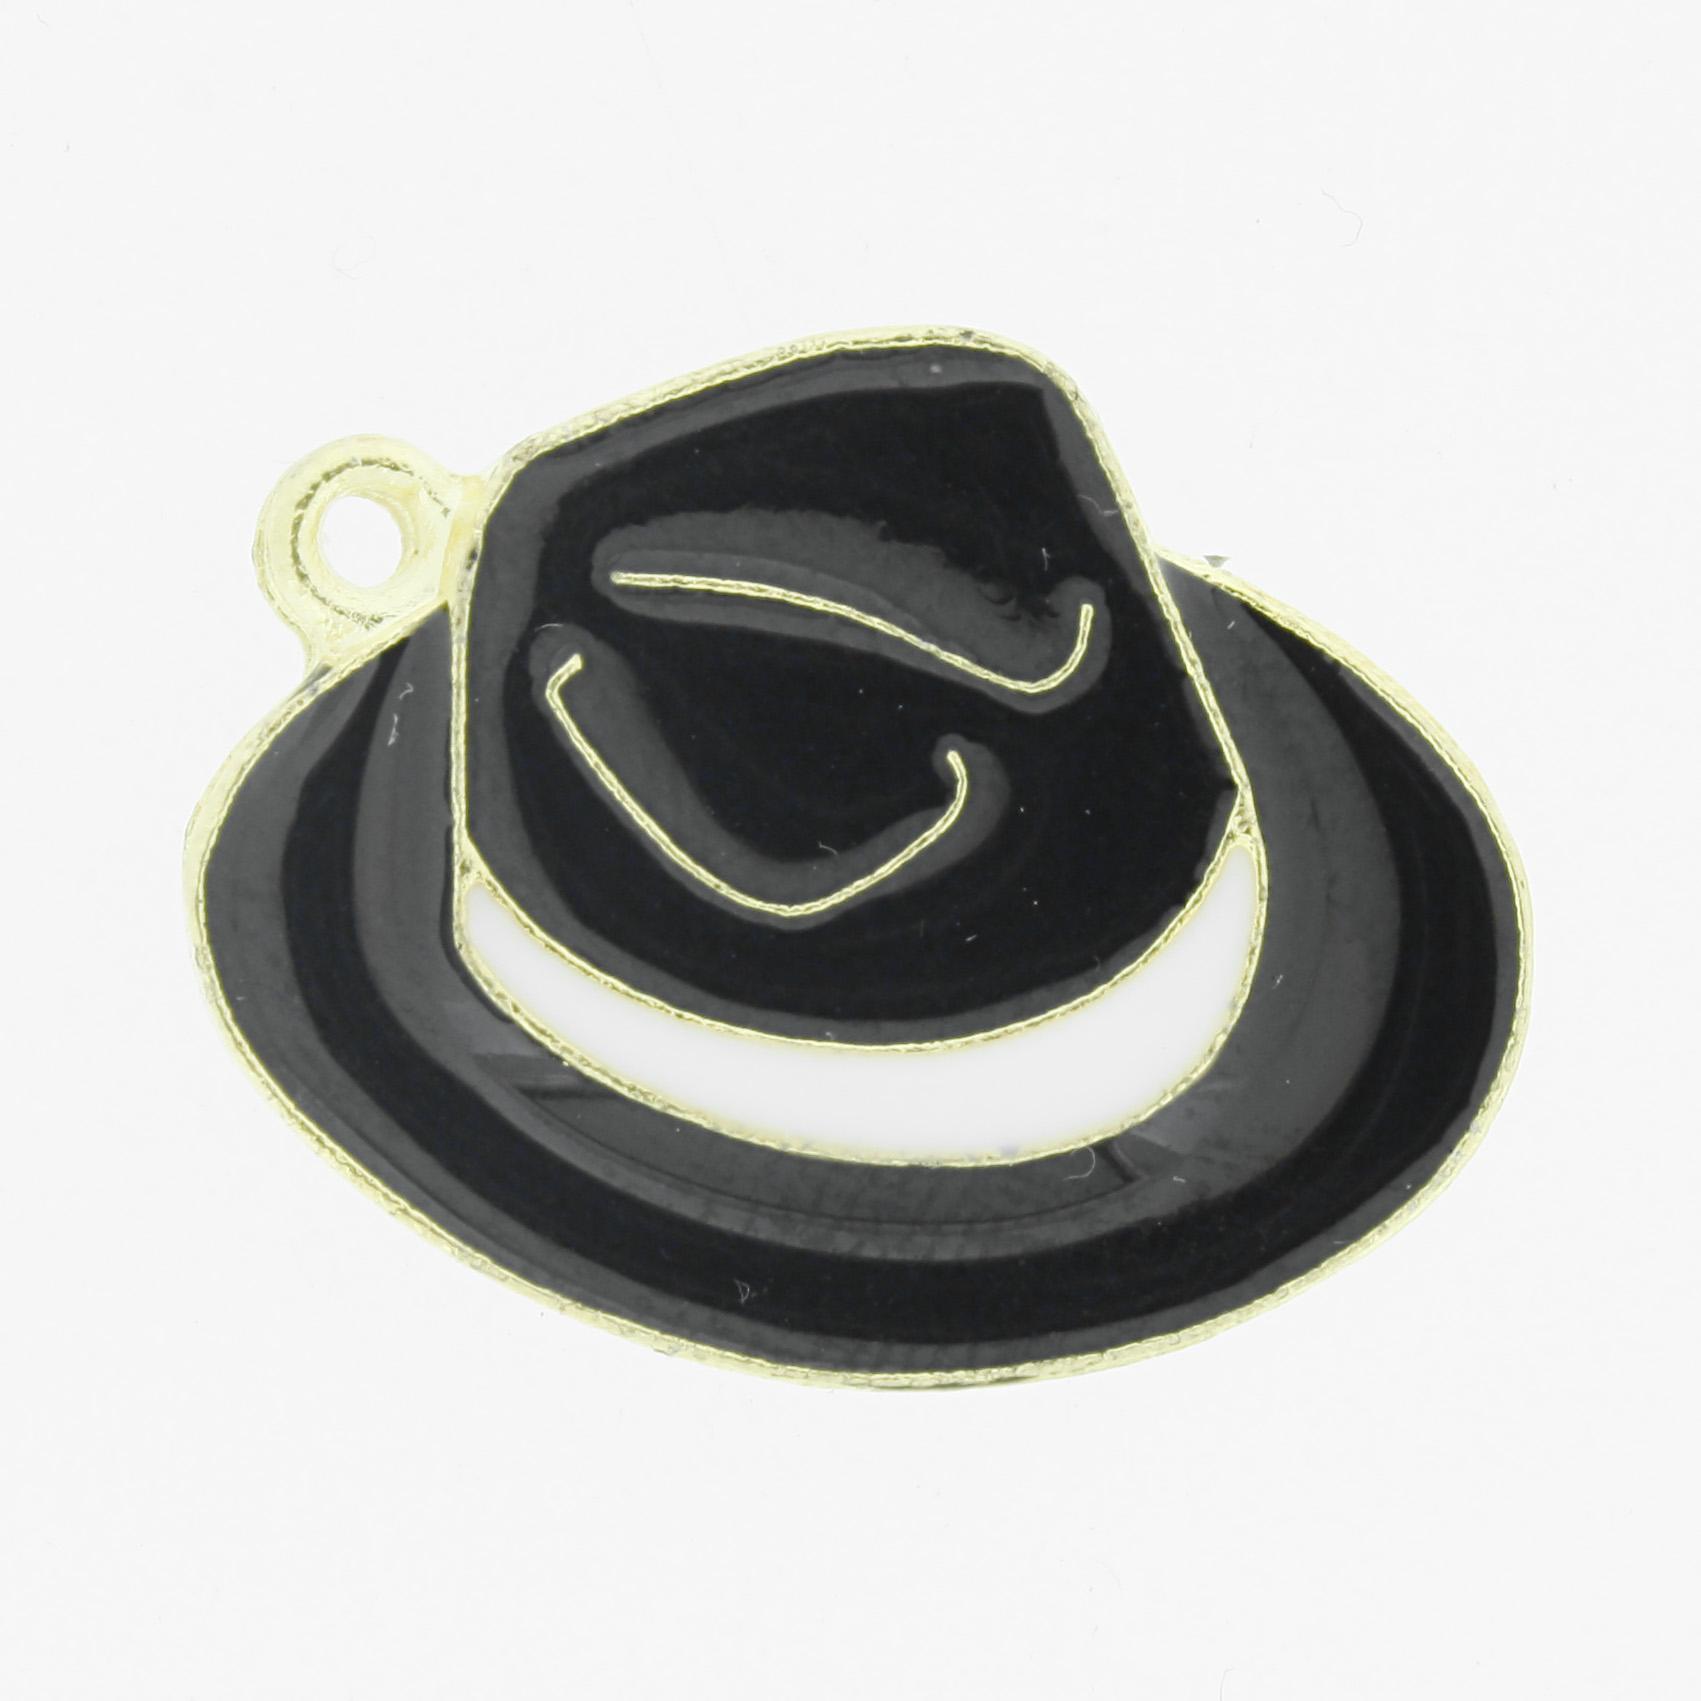 Chapéu Resinado Dourado - Preto e Branco - 22mm  - Universo Religioso® - Artigos de Umbanda e Candomblé